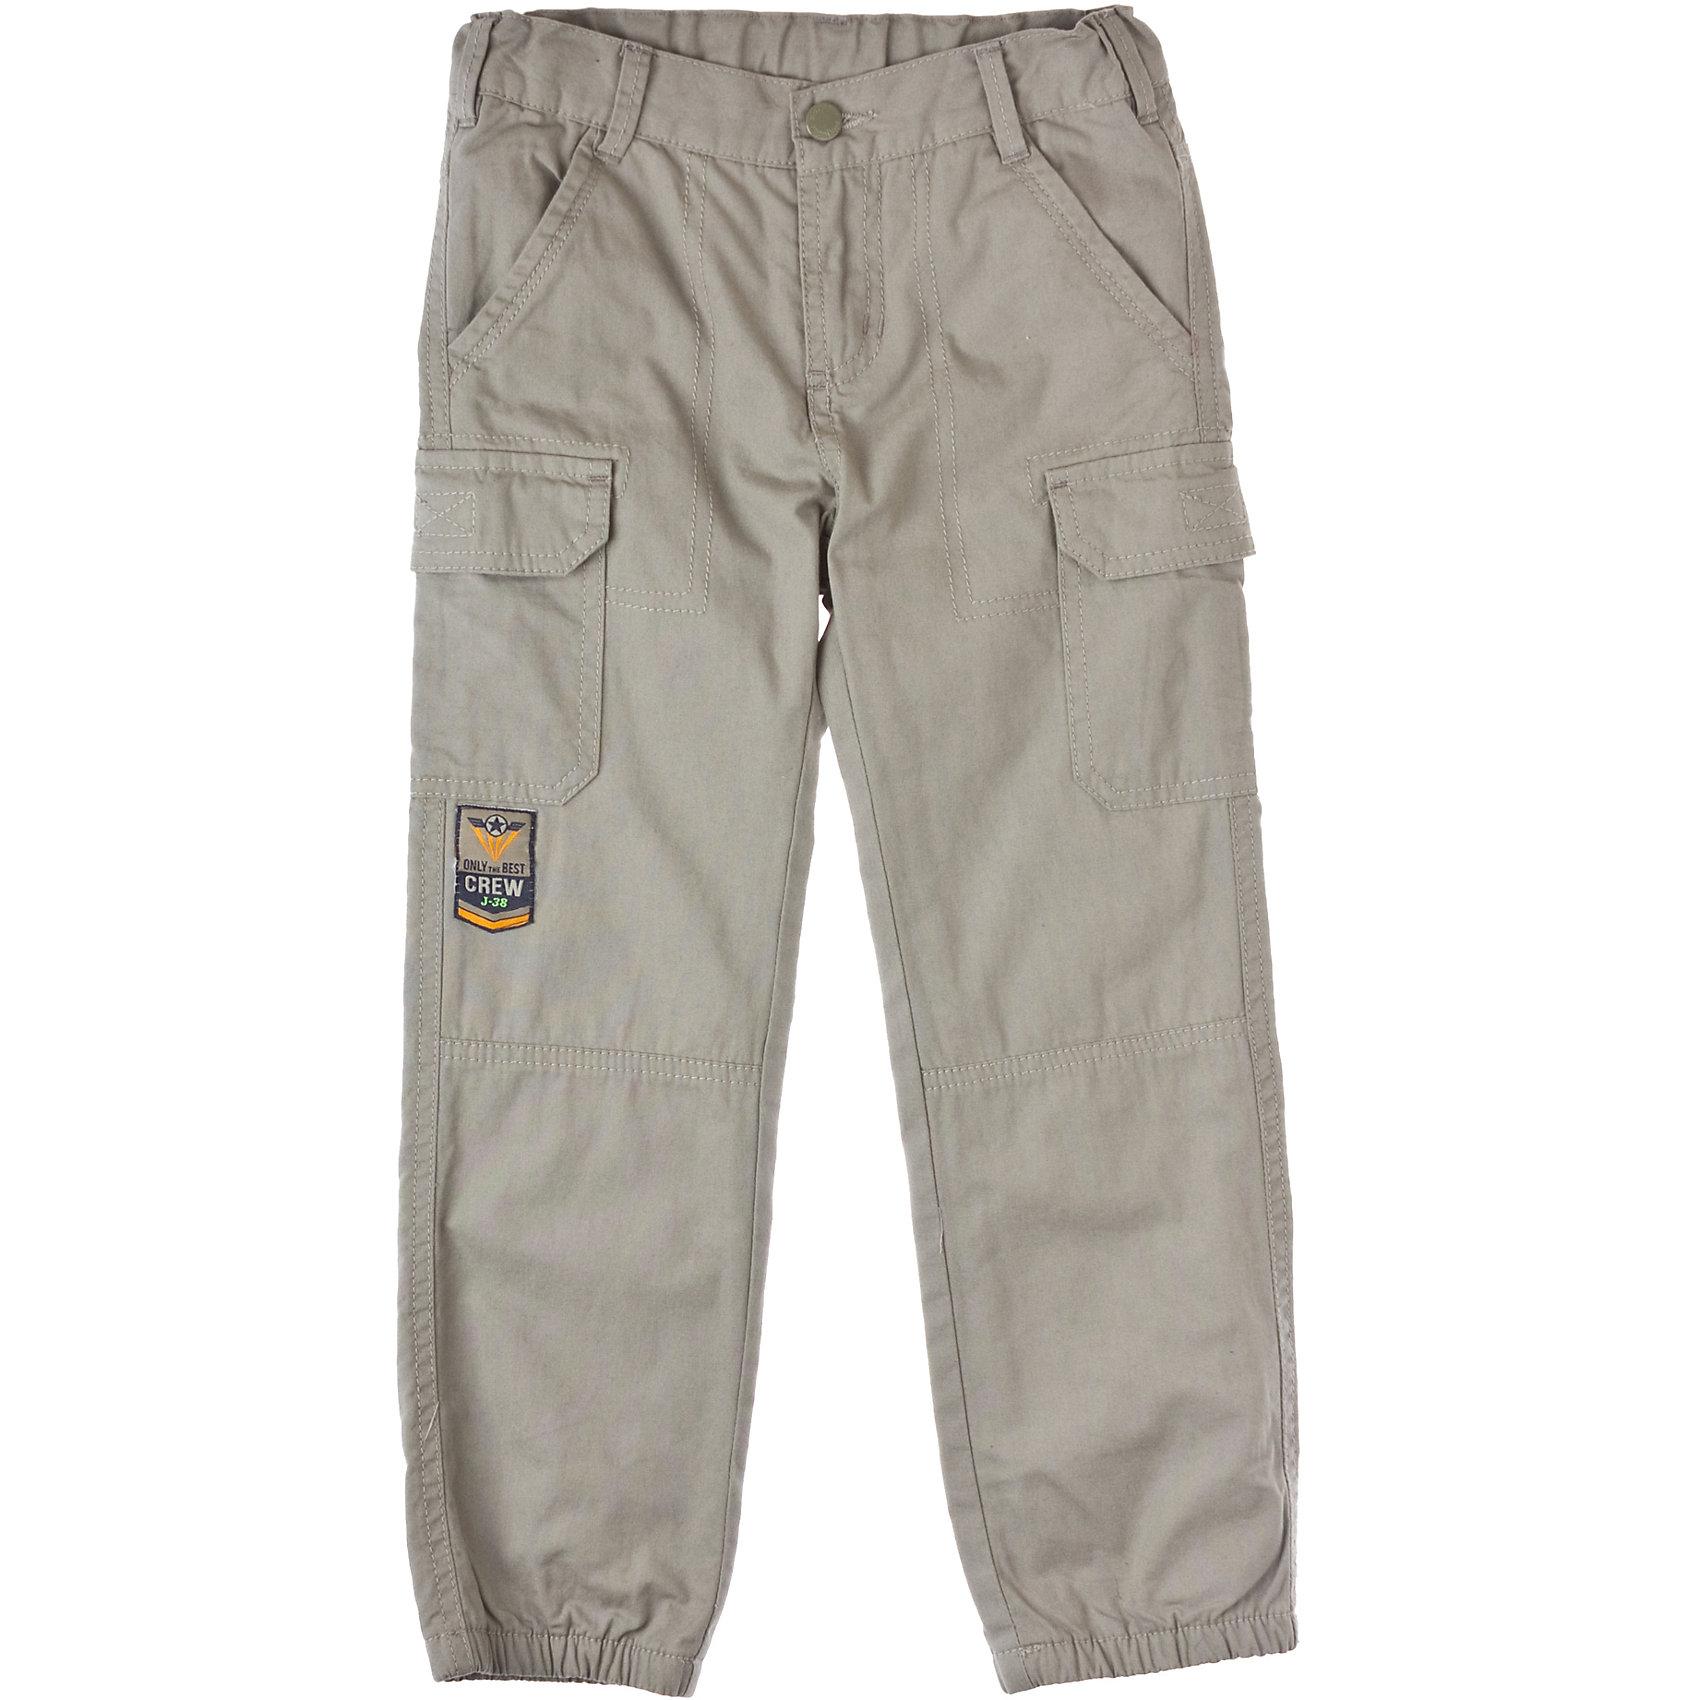 Брюки для мальчика PlayTodayБрюки<br>Брюки для мальчика PlayToday Хлопковые брюки в спортивном стиле. Четыре функциональных кармана, дополнительная подкладка-джерси. Достаточно свободные и удобные. Отлично подходят для ранней осени. Состав: верх: 100% хлопок, подкладка: 100% хлопок<br><br>Ширина мм: 215<br>Глубина мм: 88<br>Высота мм: 191<br>Вес г: 336<br>Цвет: серый<br>Возраст от месяцев: 36<br>Возраст до месяцев: 48<br>Пол: Мужской<br>Возраст: Детский<br>Размер: 104,116,110,128,98,122<br>SKU: 4227650